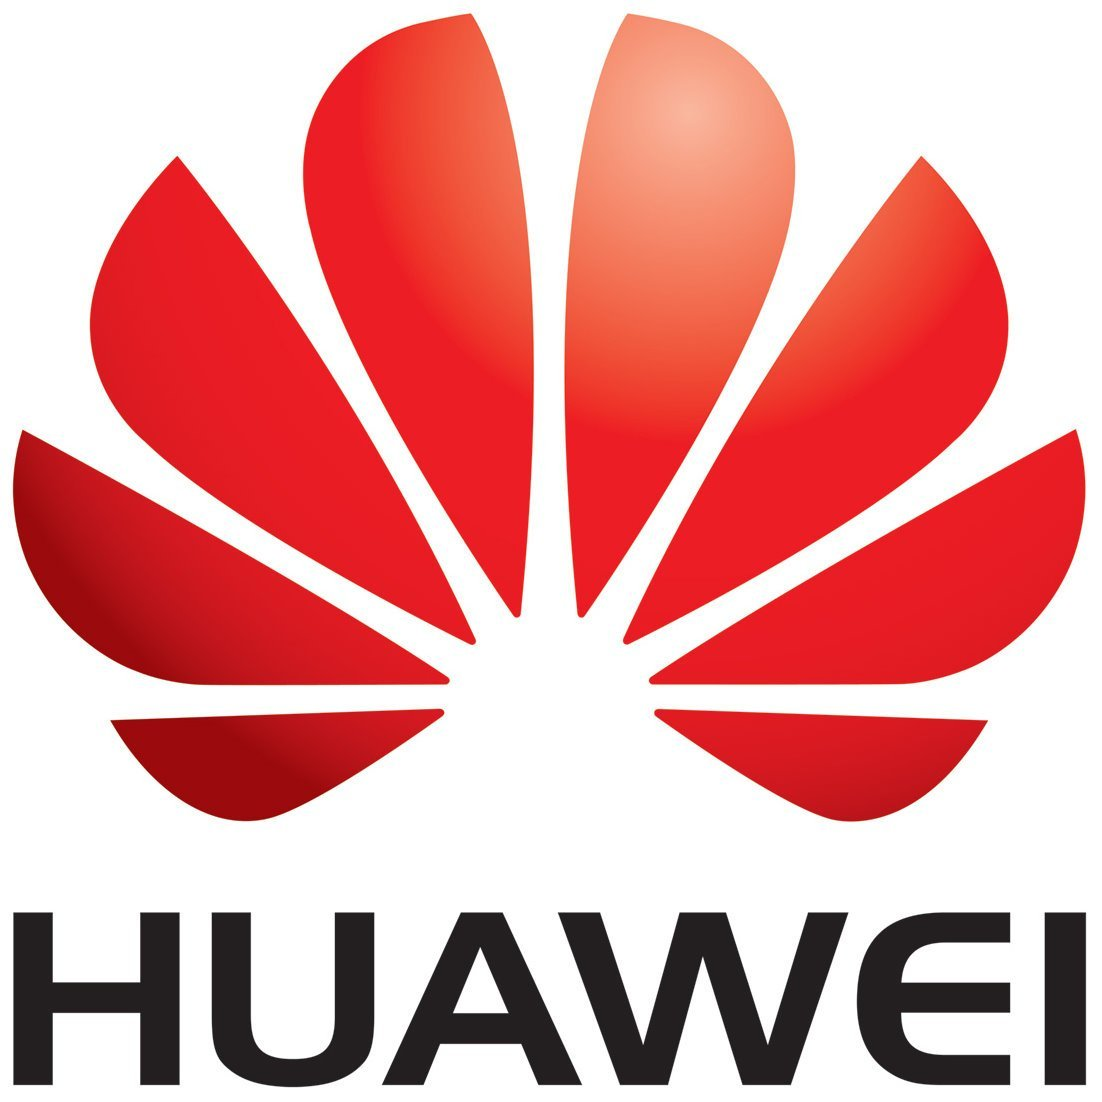 Huawei Logo photo - 1